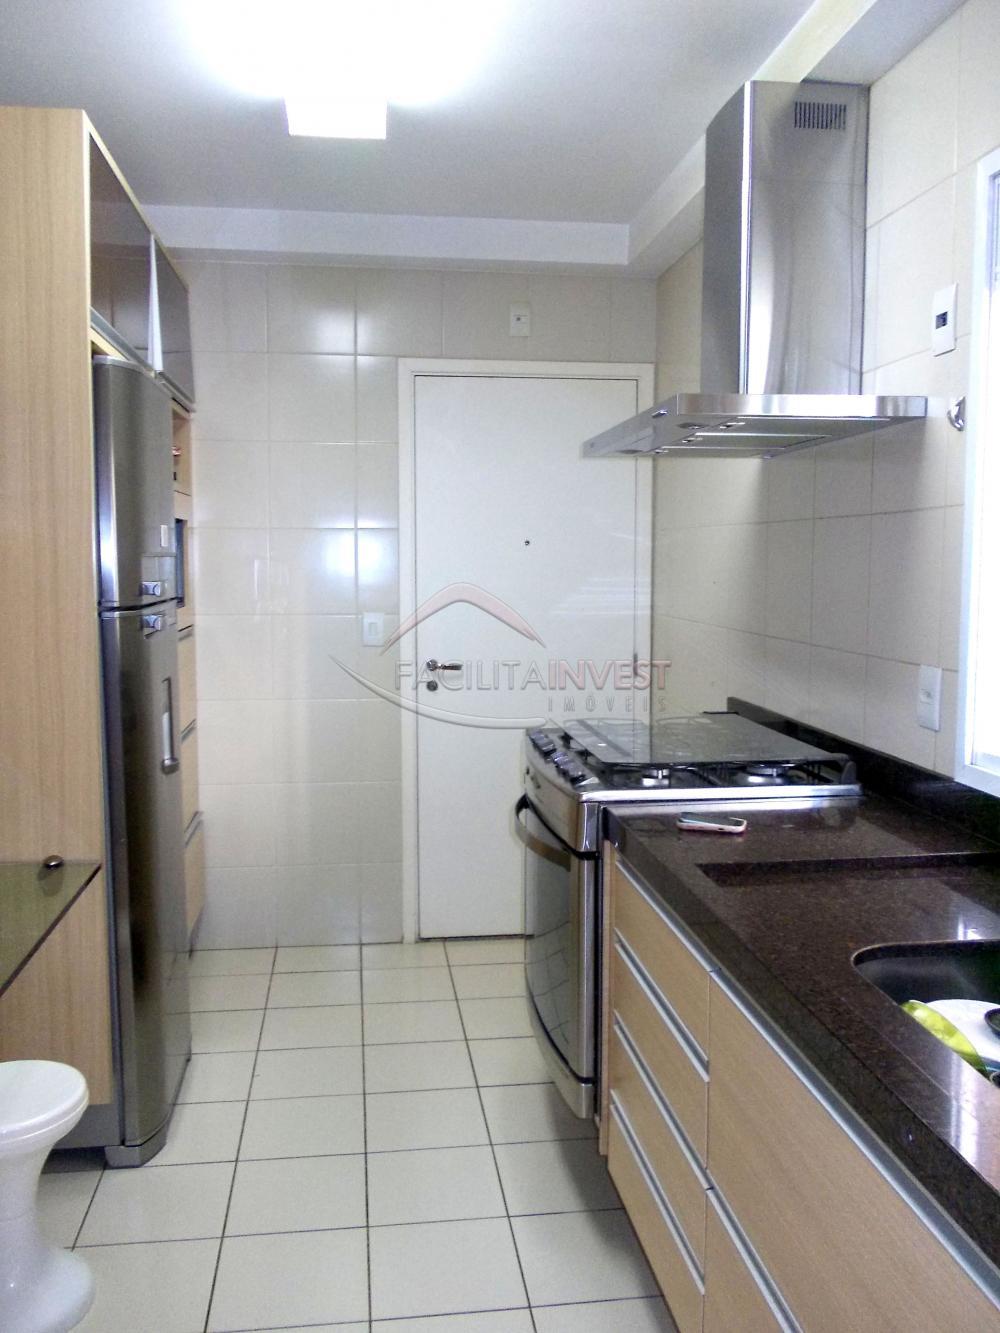 Comprar Apartamentos / Apart. Padrão em Ribeirão Preto apenas R$ 550.000,00 - Foto 7